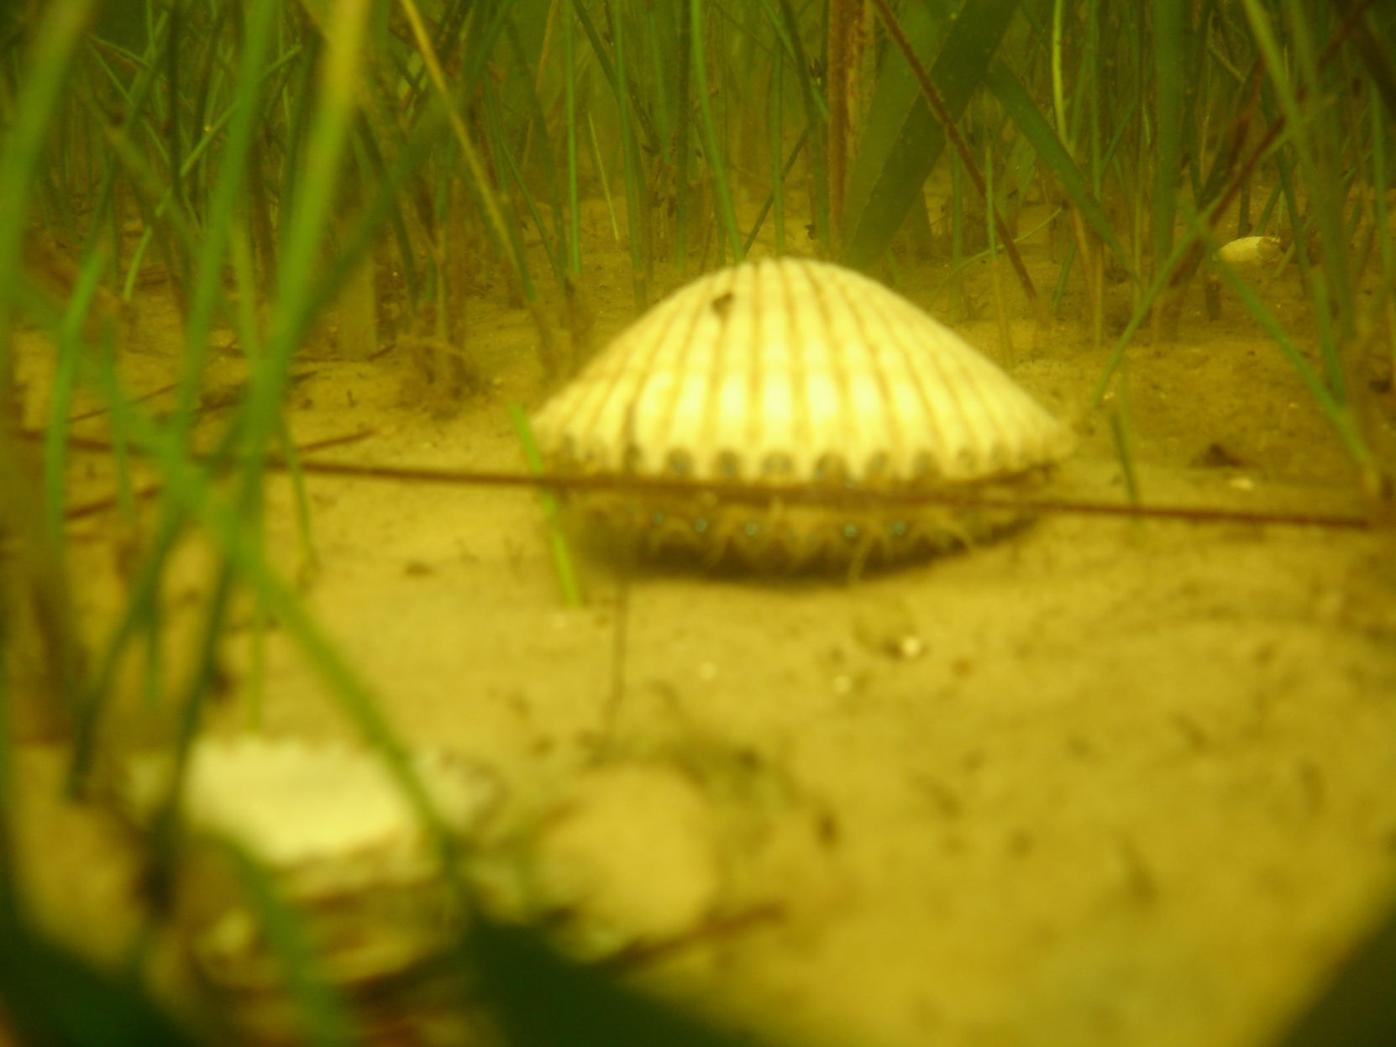 Bay scallop underwater